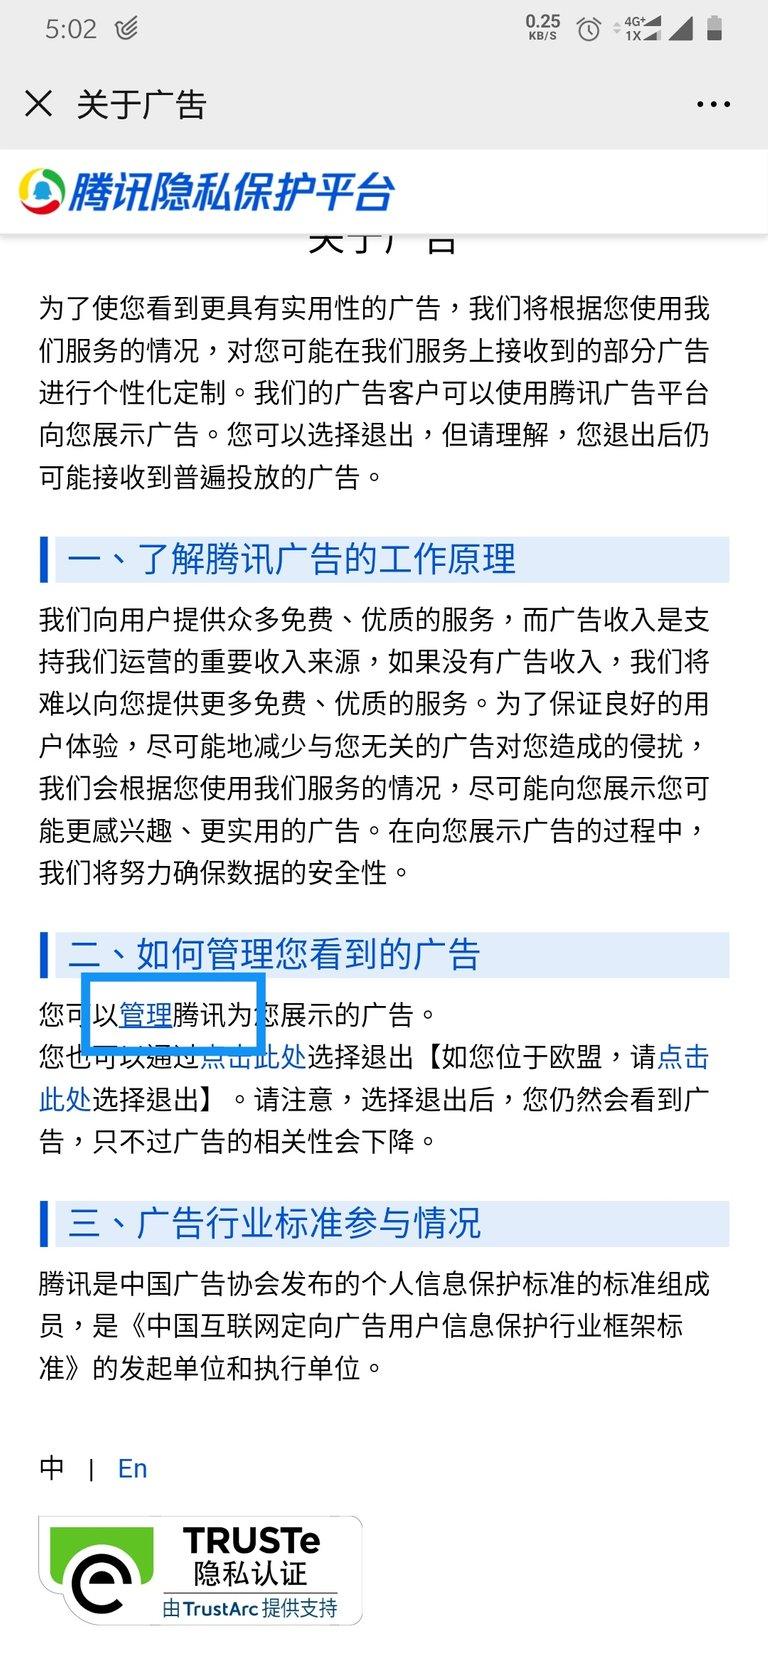 Screenshot_20200325-170242.jpg